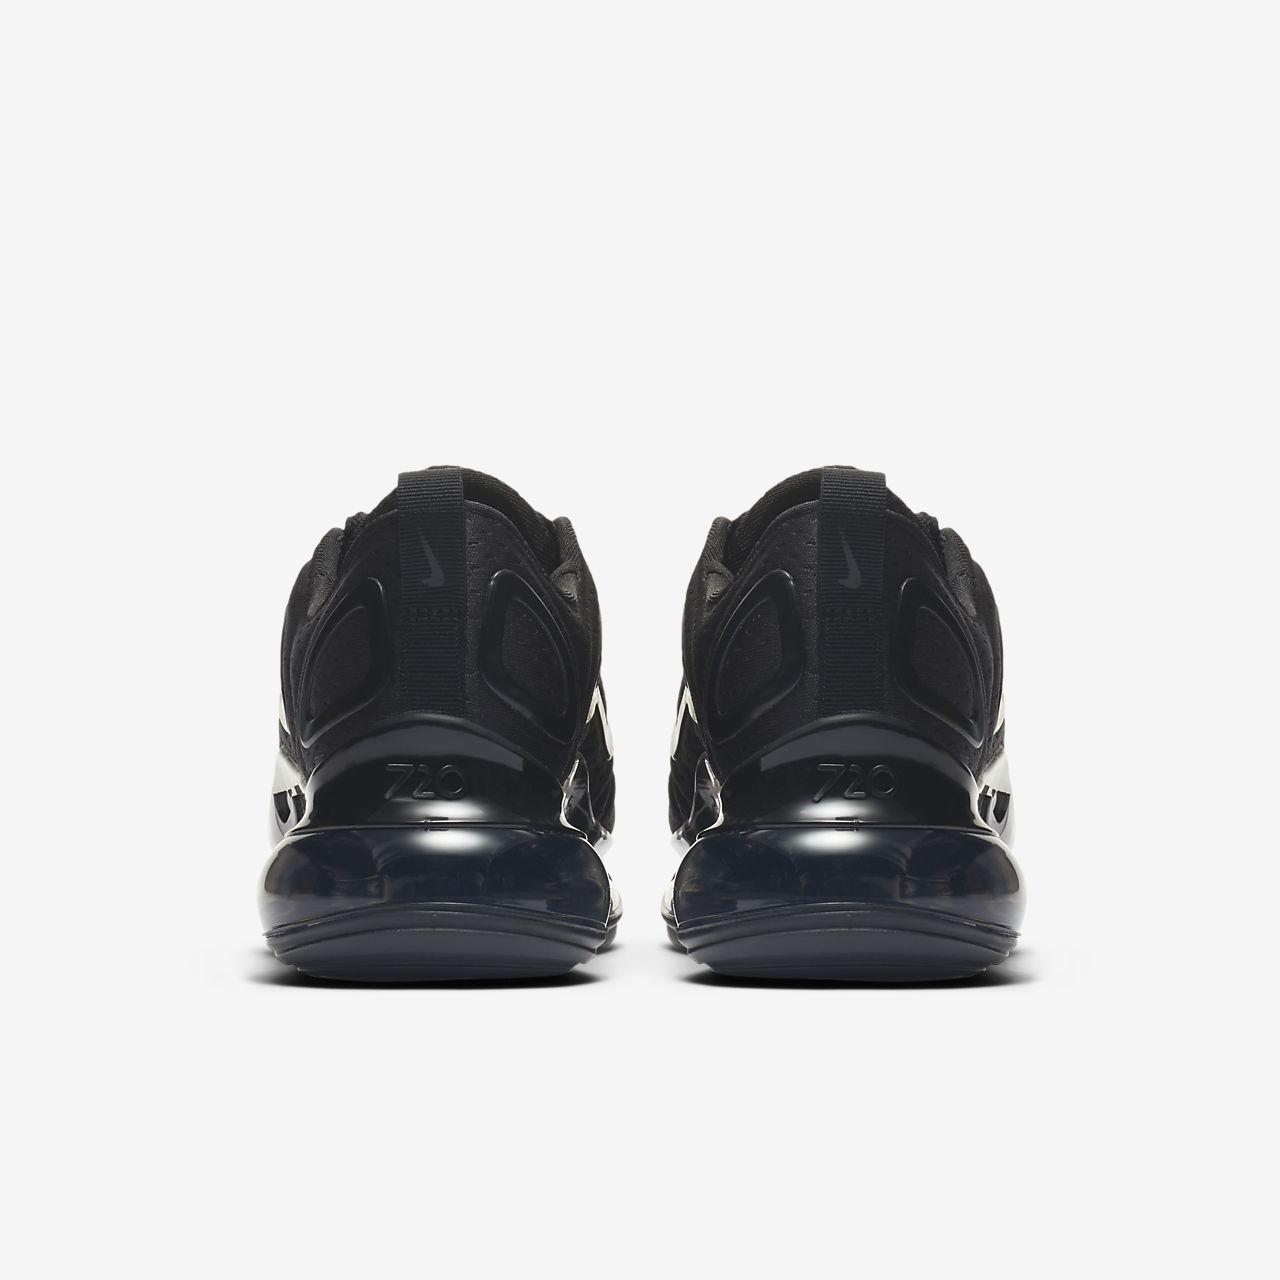 Kinder Schuh jüngereältere 720 Nike für Max Air PTikuZOX